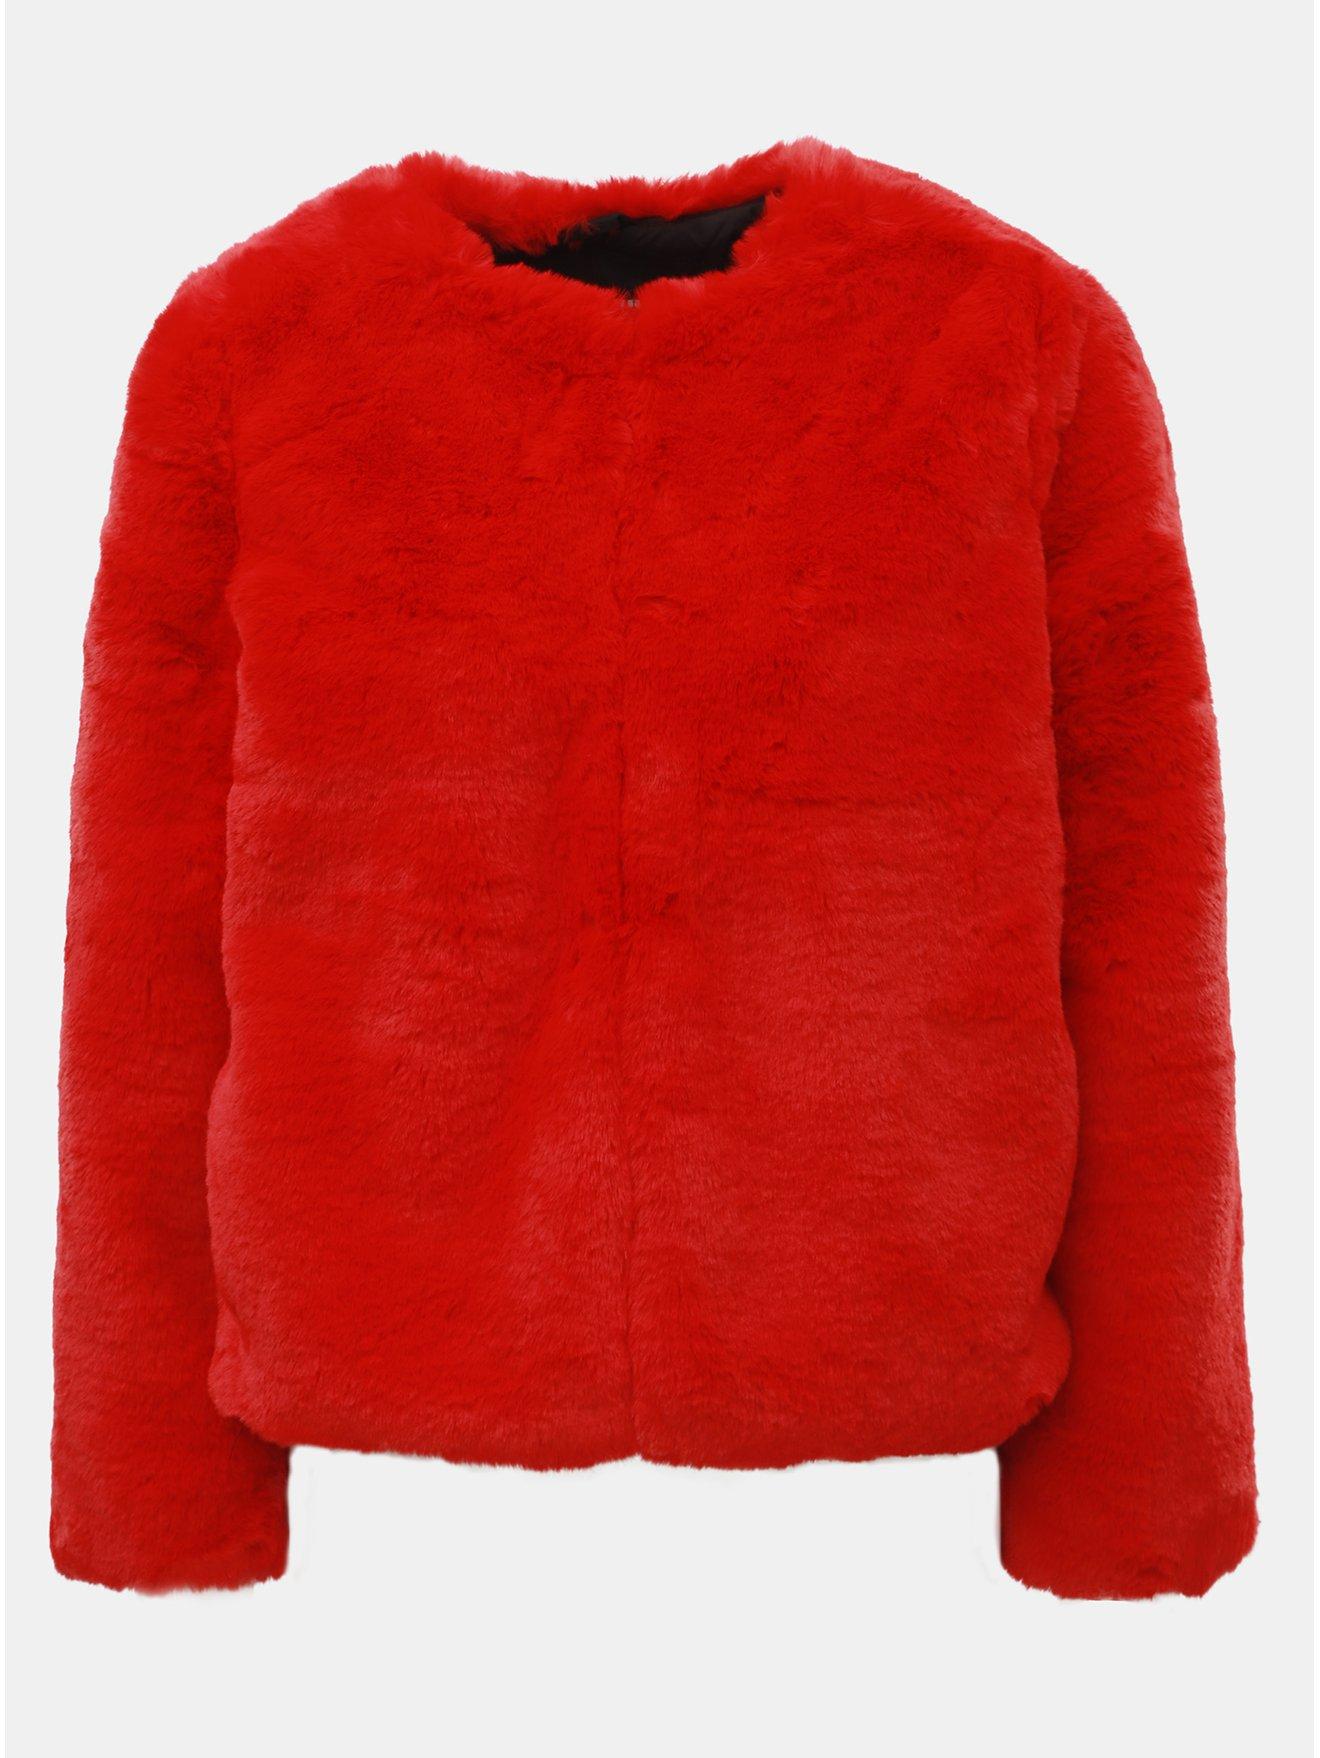 53f3b3a8b2b Červený krátký kabát z umělé kožešiny TALLY WEiJL